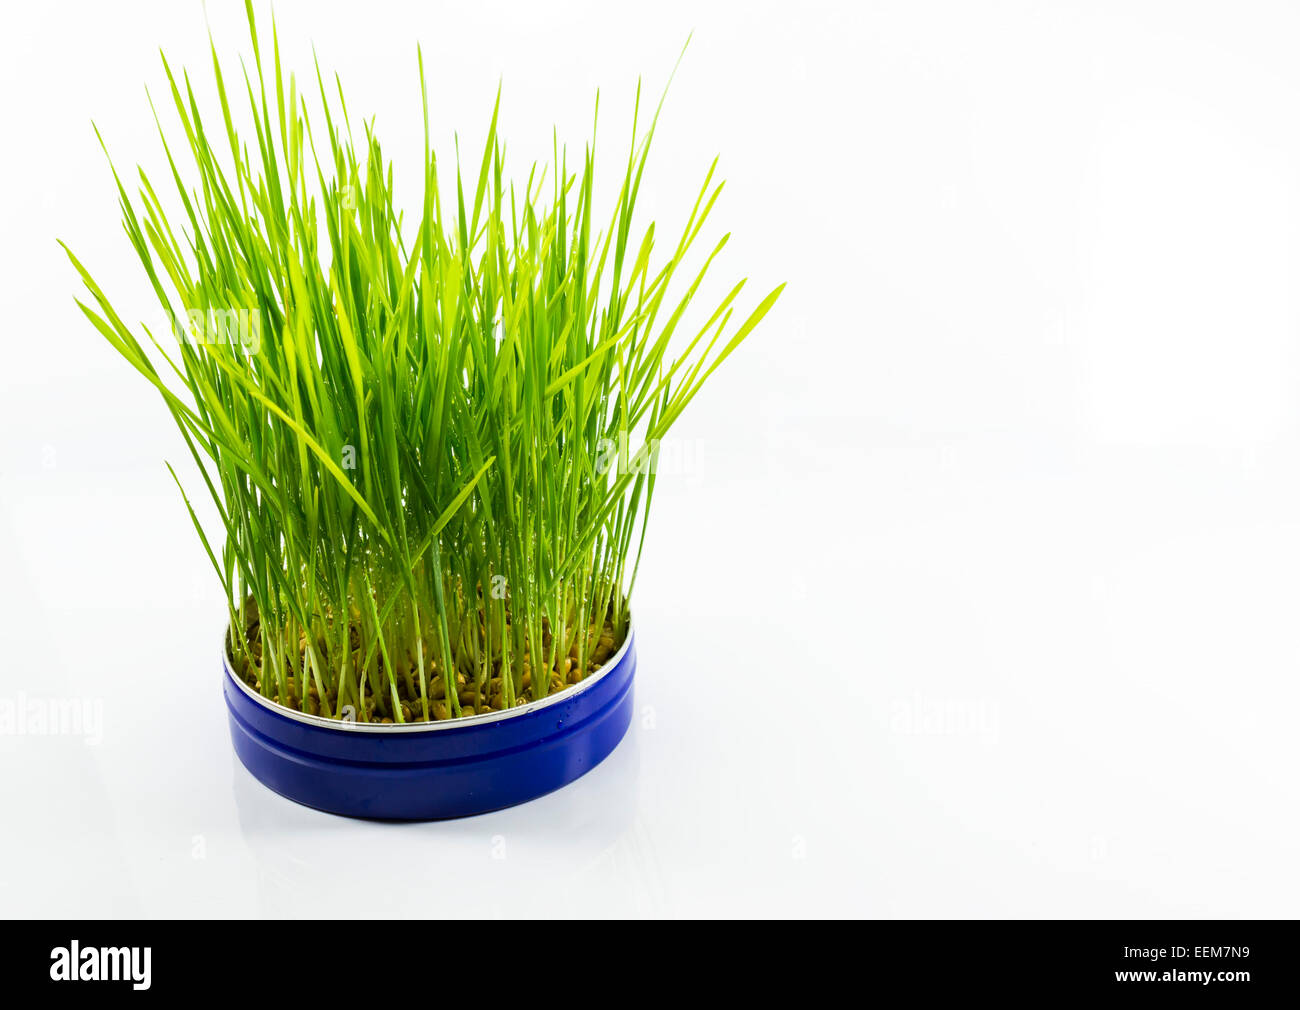 Grüne Blätter gekeimten Weizen Samen in einem blauen Aluminium können als ein traditionelles Symbol Stockbild